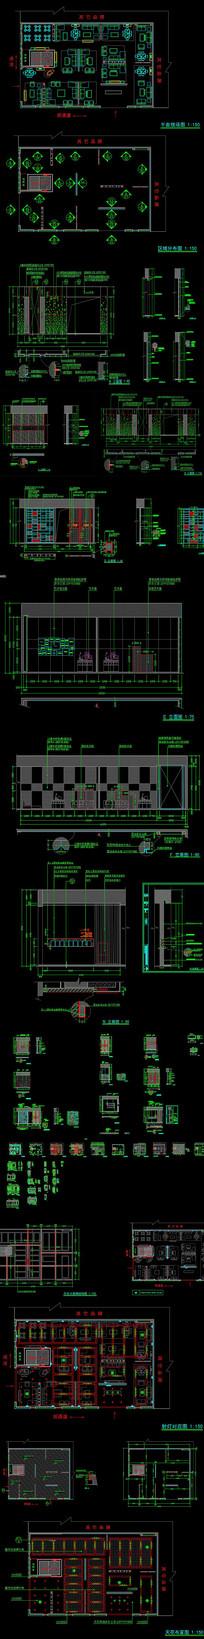 时尚沙发专卖店CAD施工图